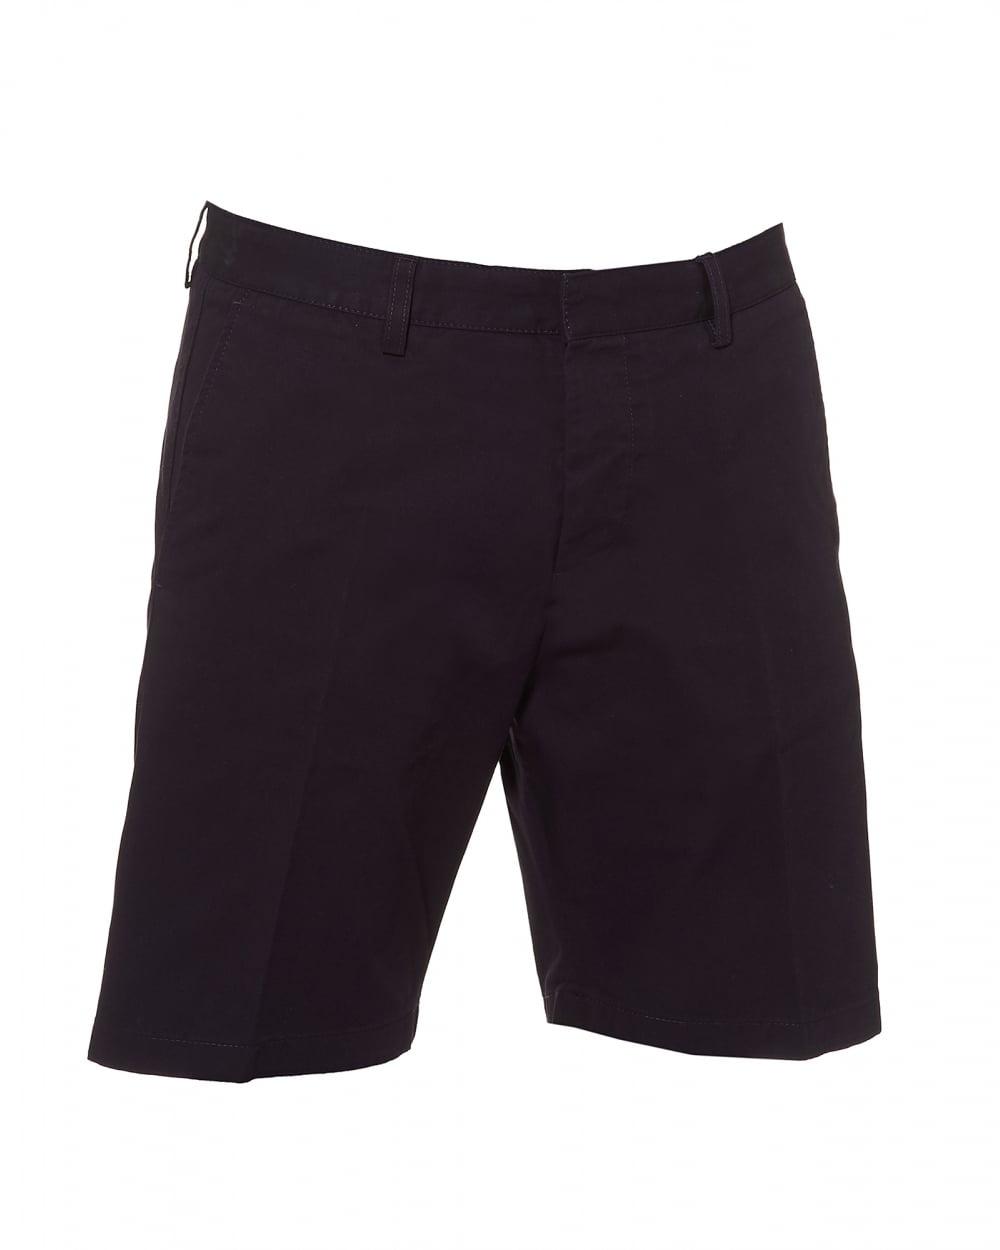 Ami Mens Bermuda Shorts Tailored Navy Blue Shorts